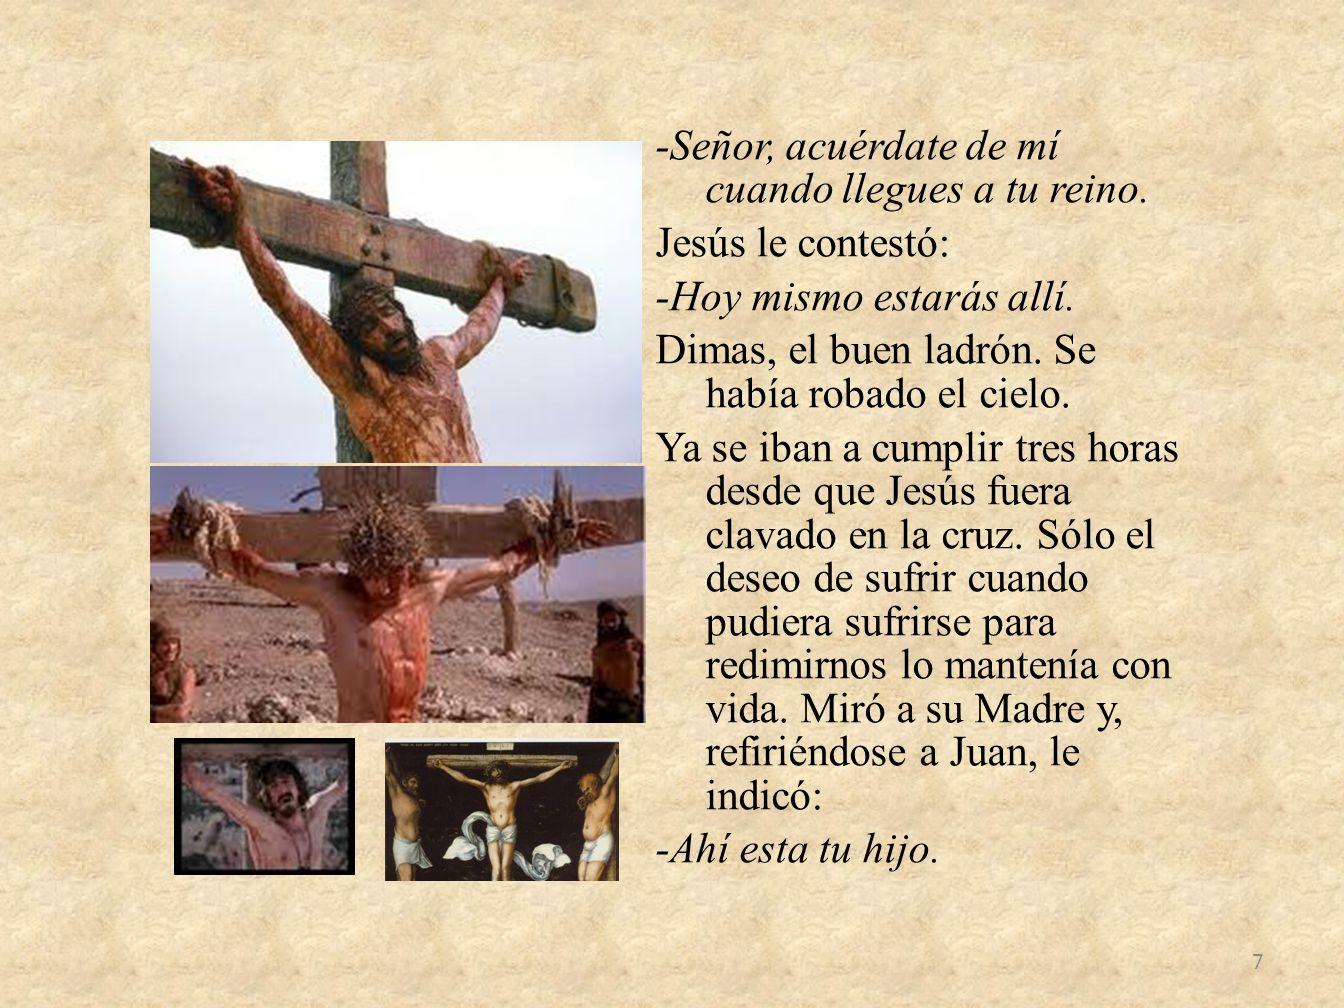 -Señor, acuérdate de mí cuando llegues a tu reino. Jesús le contestó: -Hoy mismo estarás allí. Dimas, el buen ladrón. Se había robado el cielo. Ya se